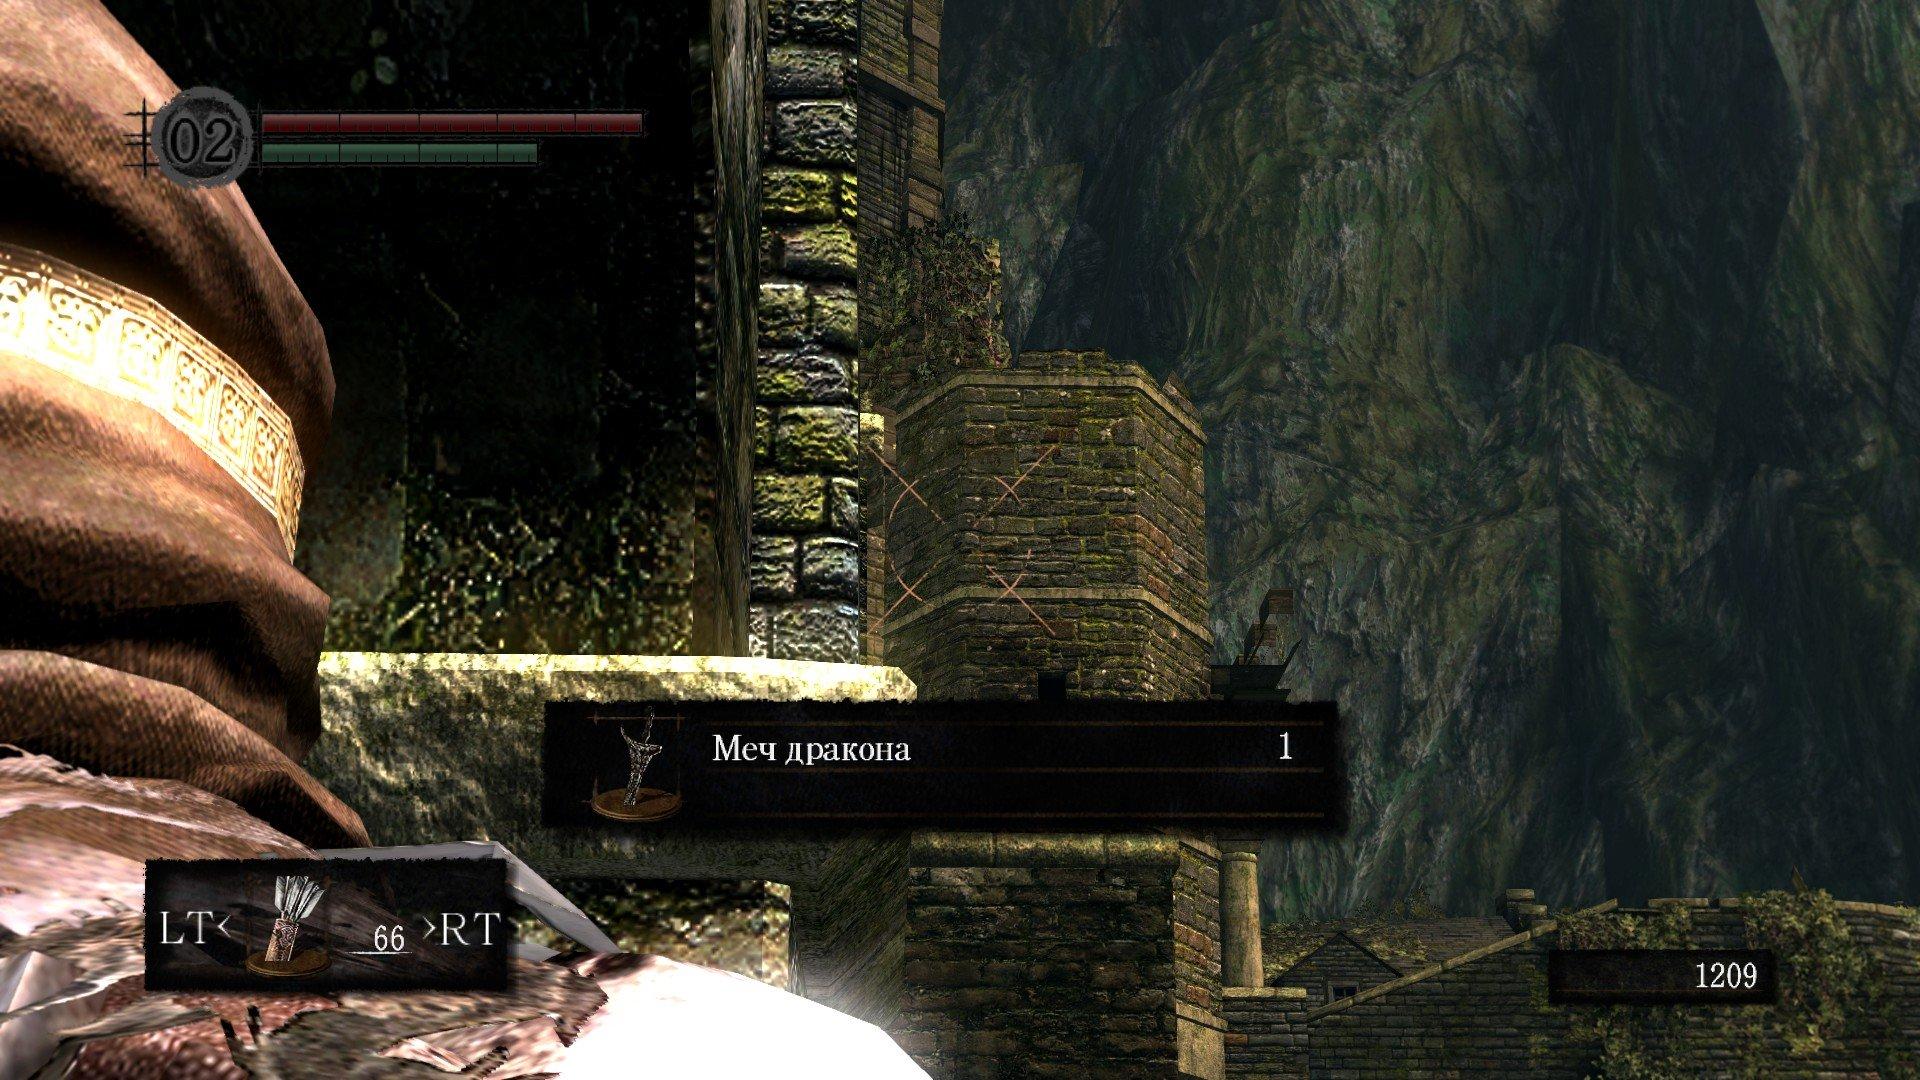 Вопль-прохождение Dark Souls часть 1 (ЗАПИСЬ) ... еще не решил, как это называть! - Изображение 12